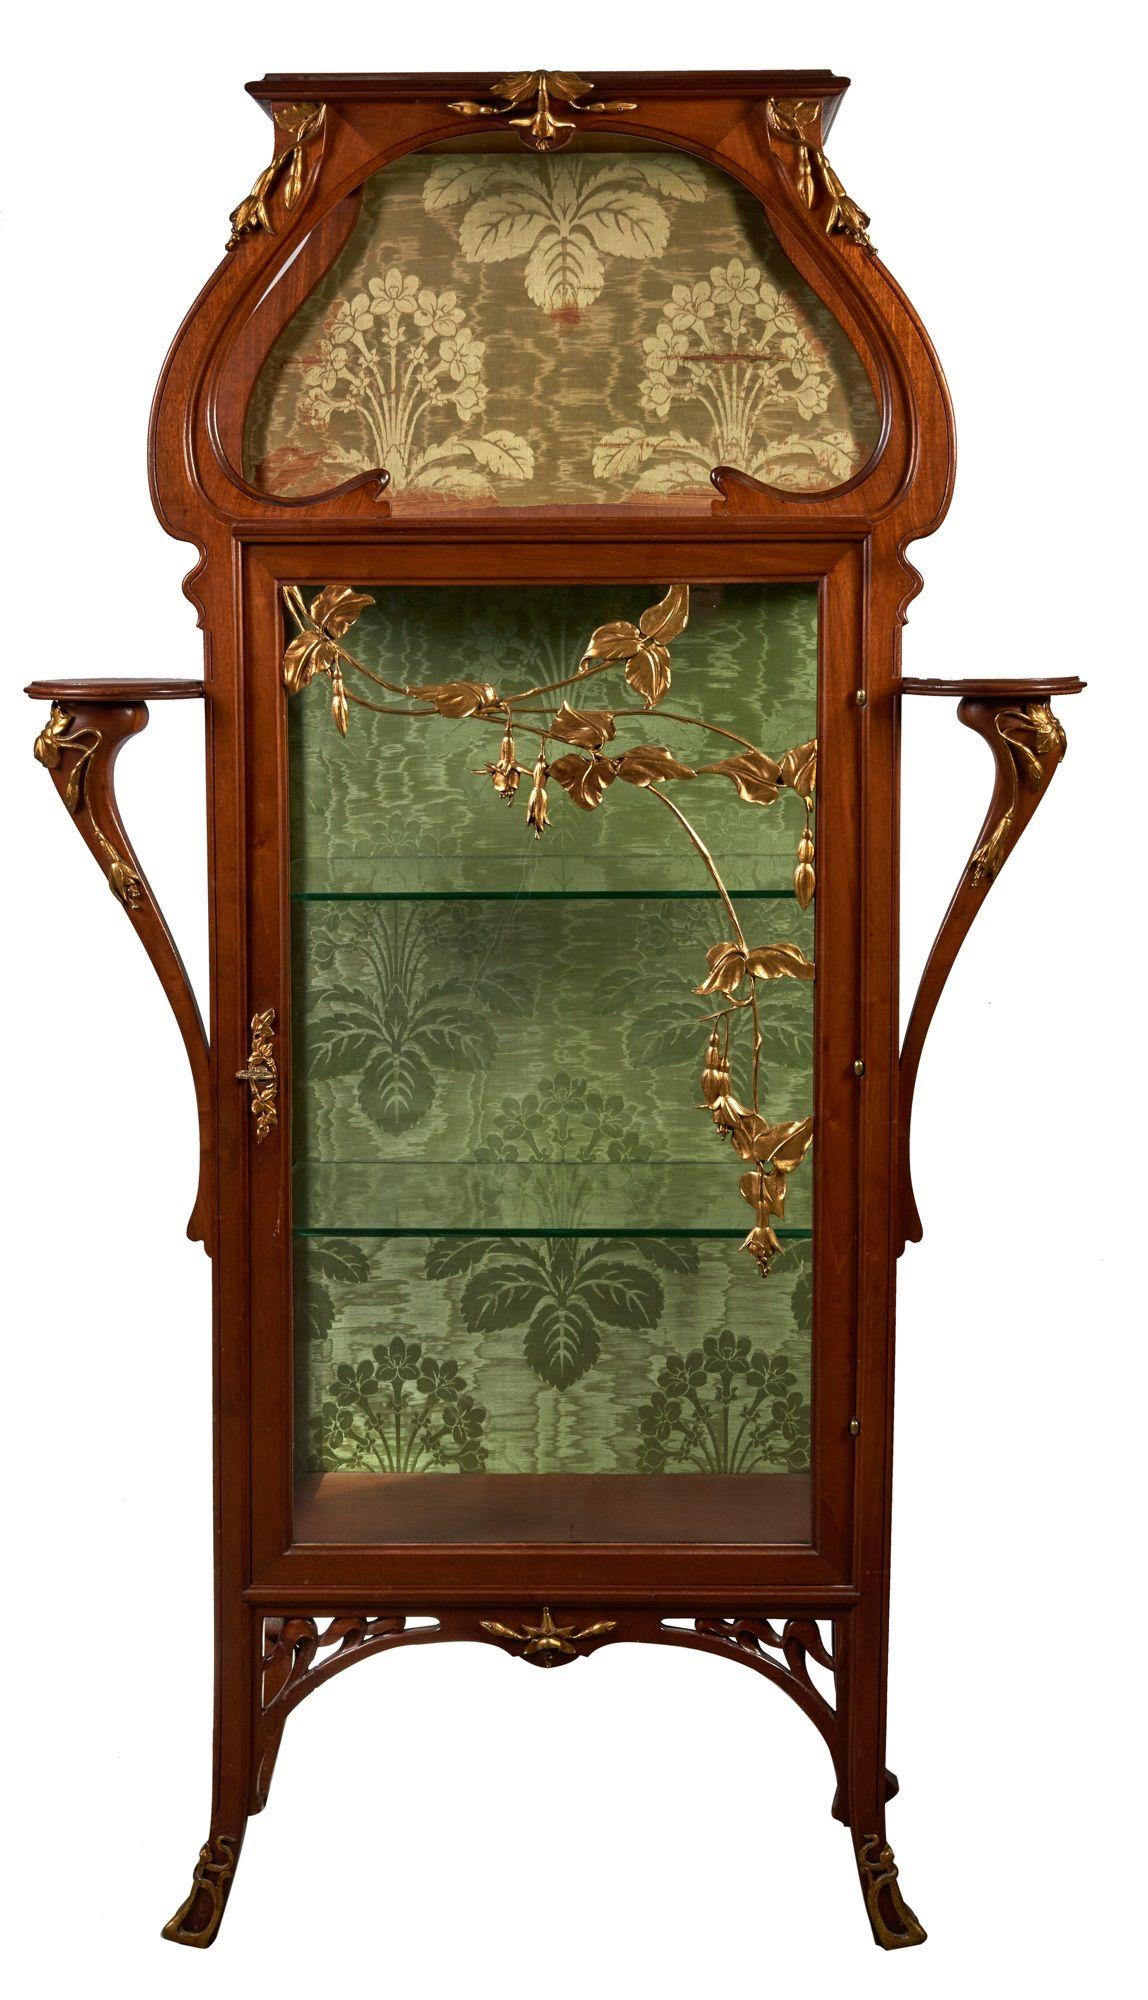 Meuble vitrine art nouveau vitrine en bois naturel moulur et sculpt d cor auction - Meuble art nouveau ...